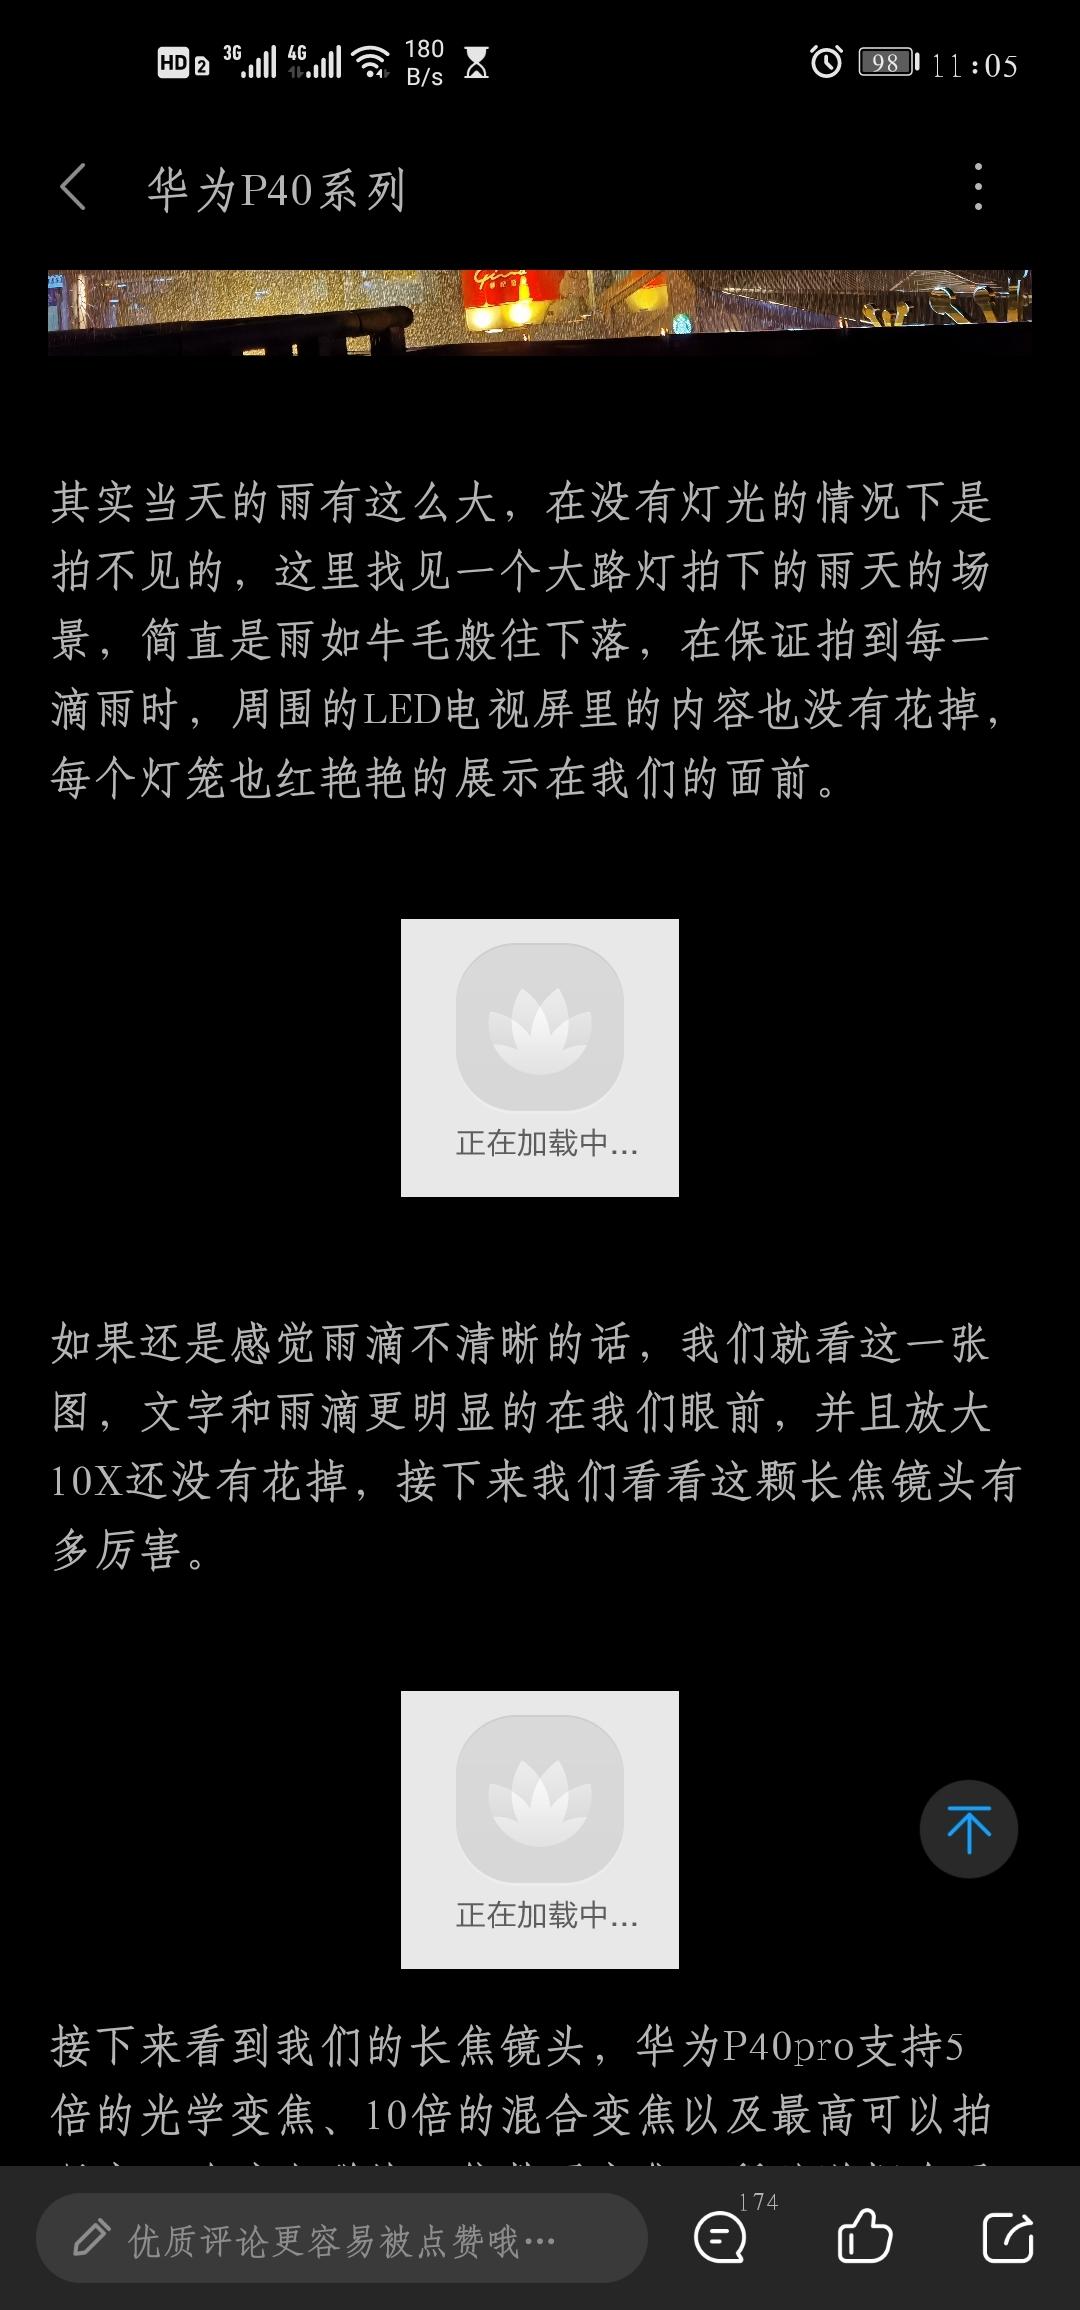 Screenshot_20200516_110537_com.huawei.fans.jpg